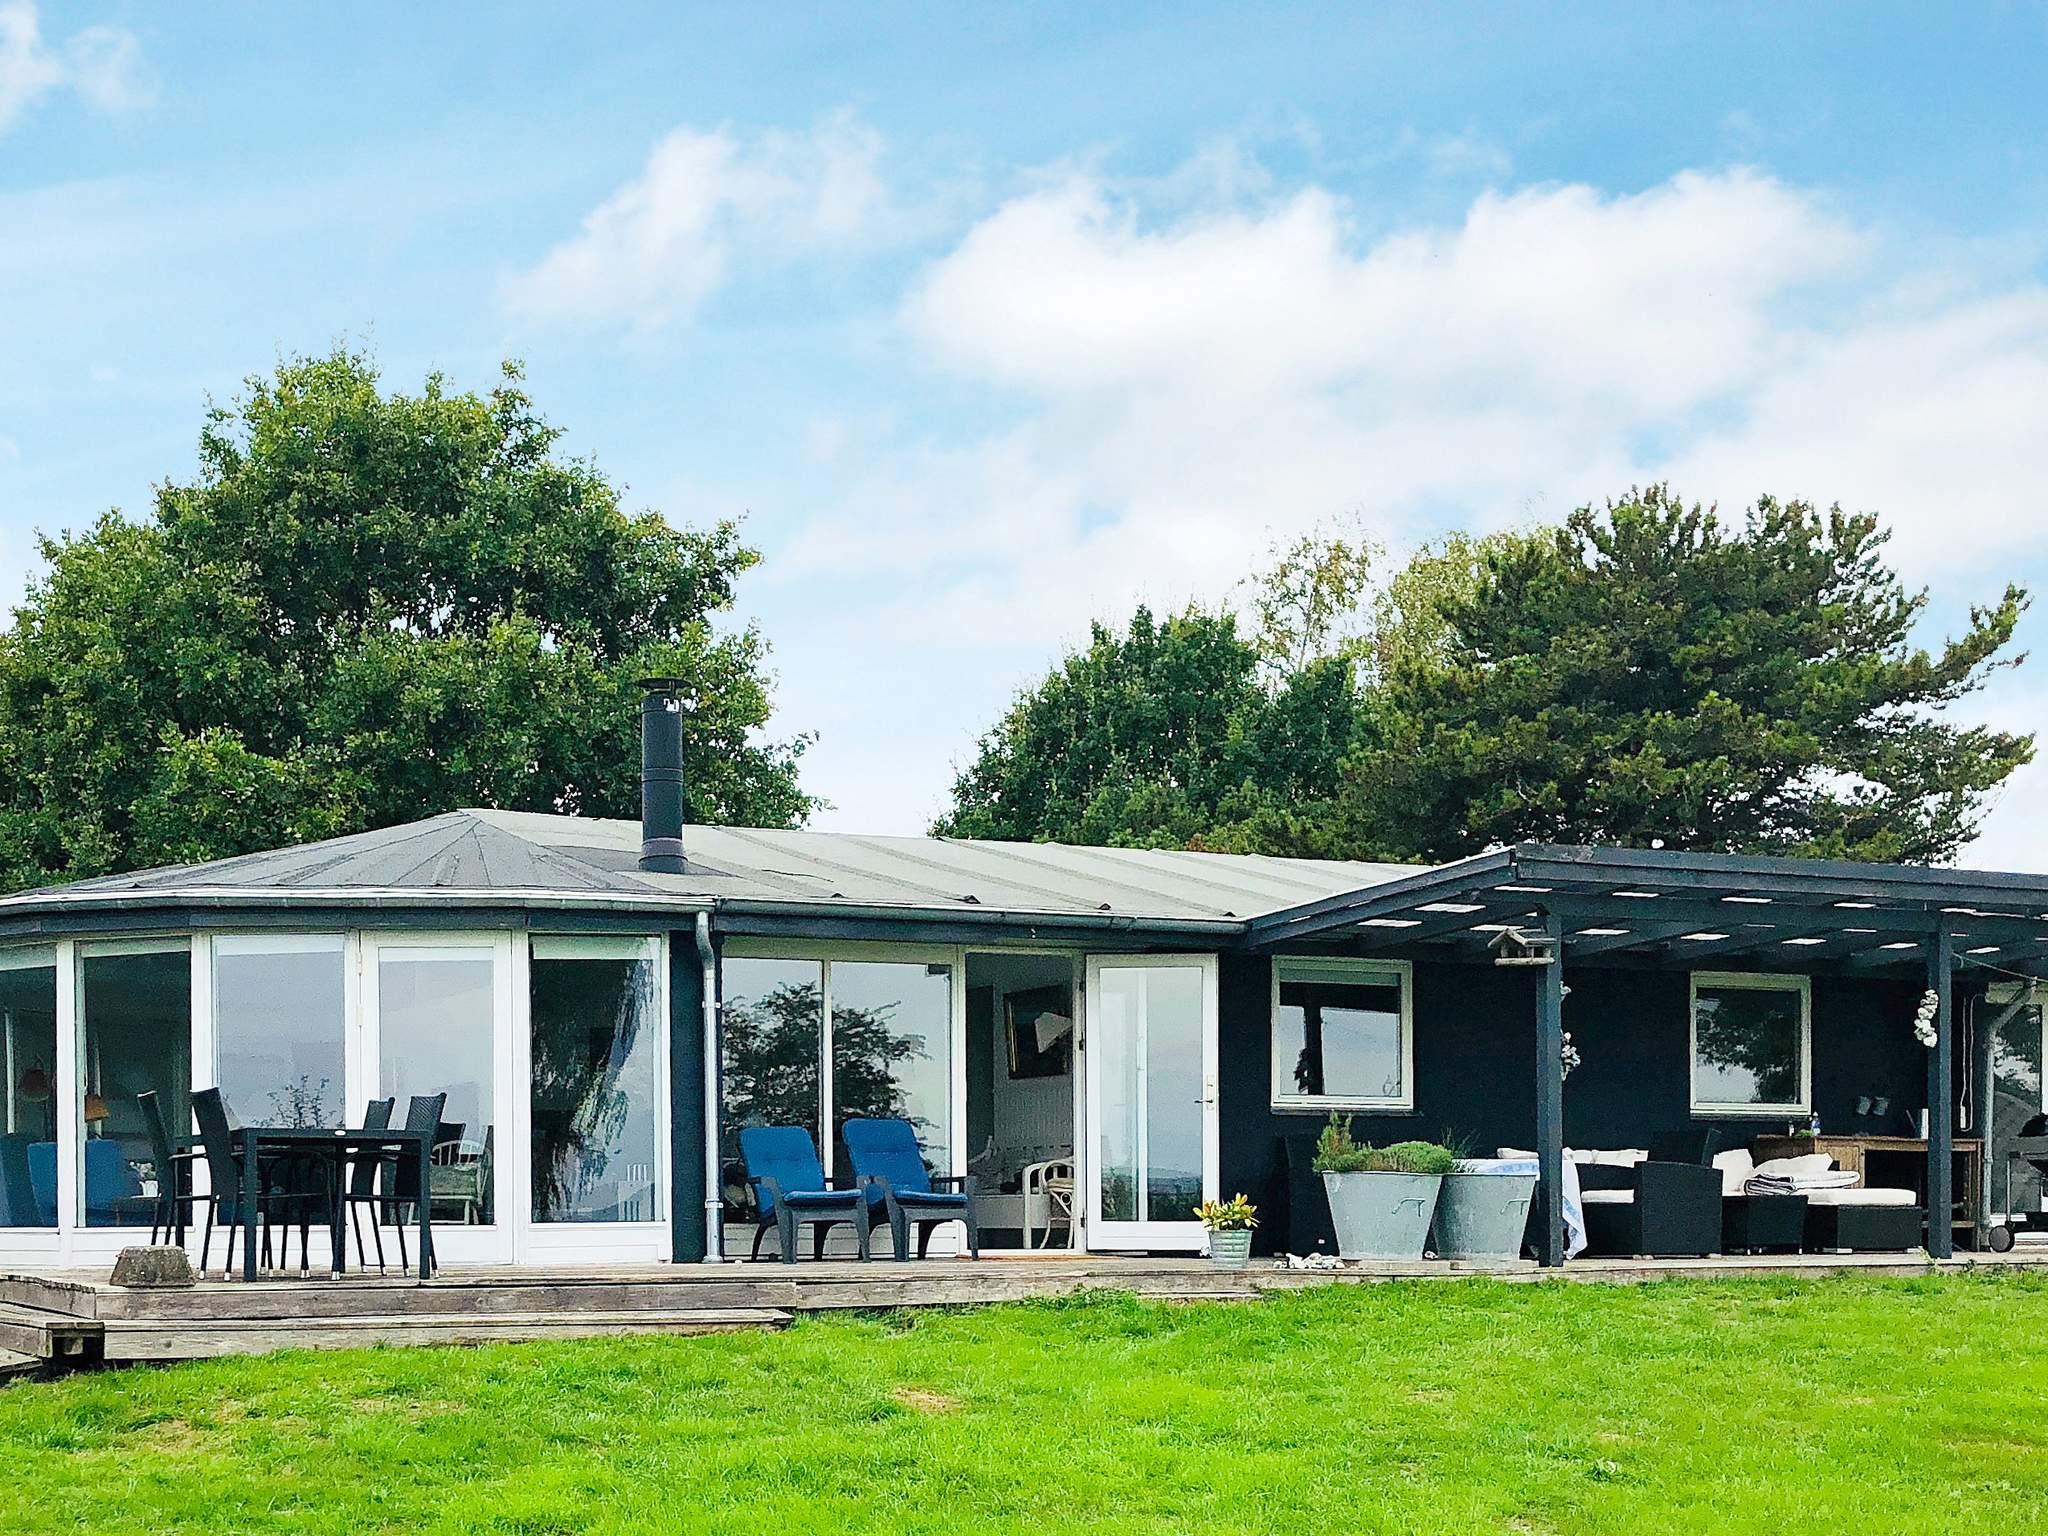 Ferienhaus Botofte/Tranekær (241758), Botofte, , Langeland, Dänemark, Bild 1